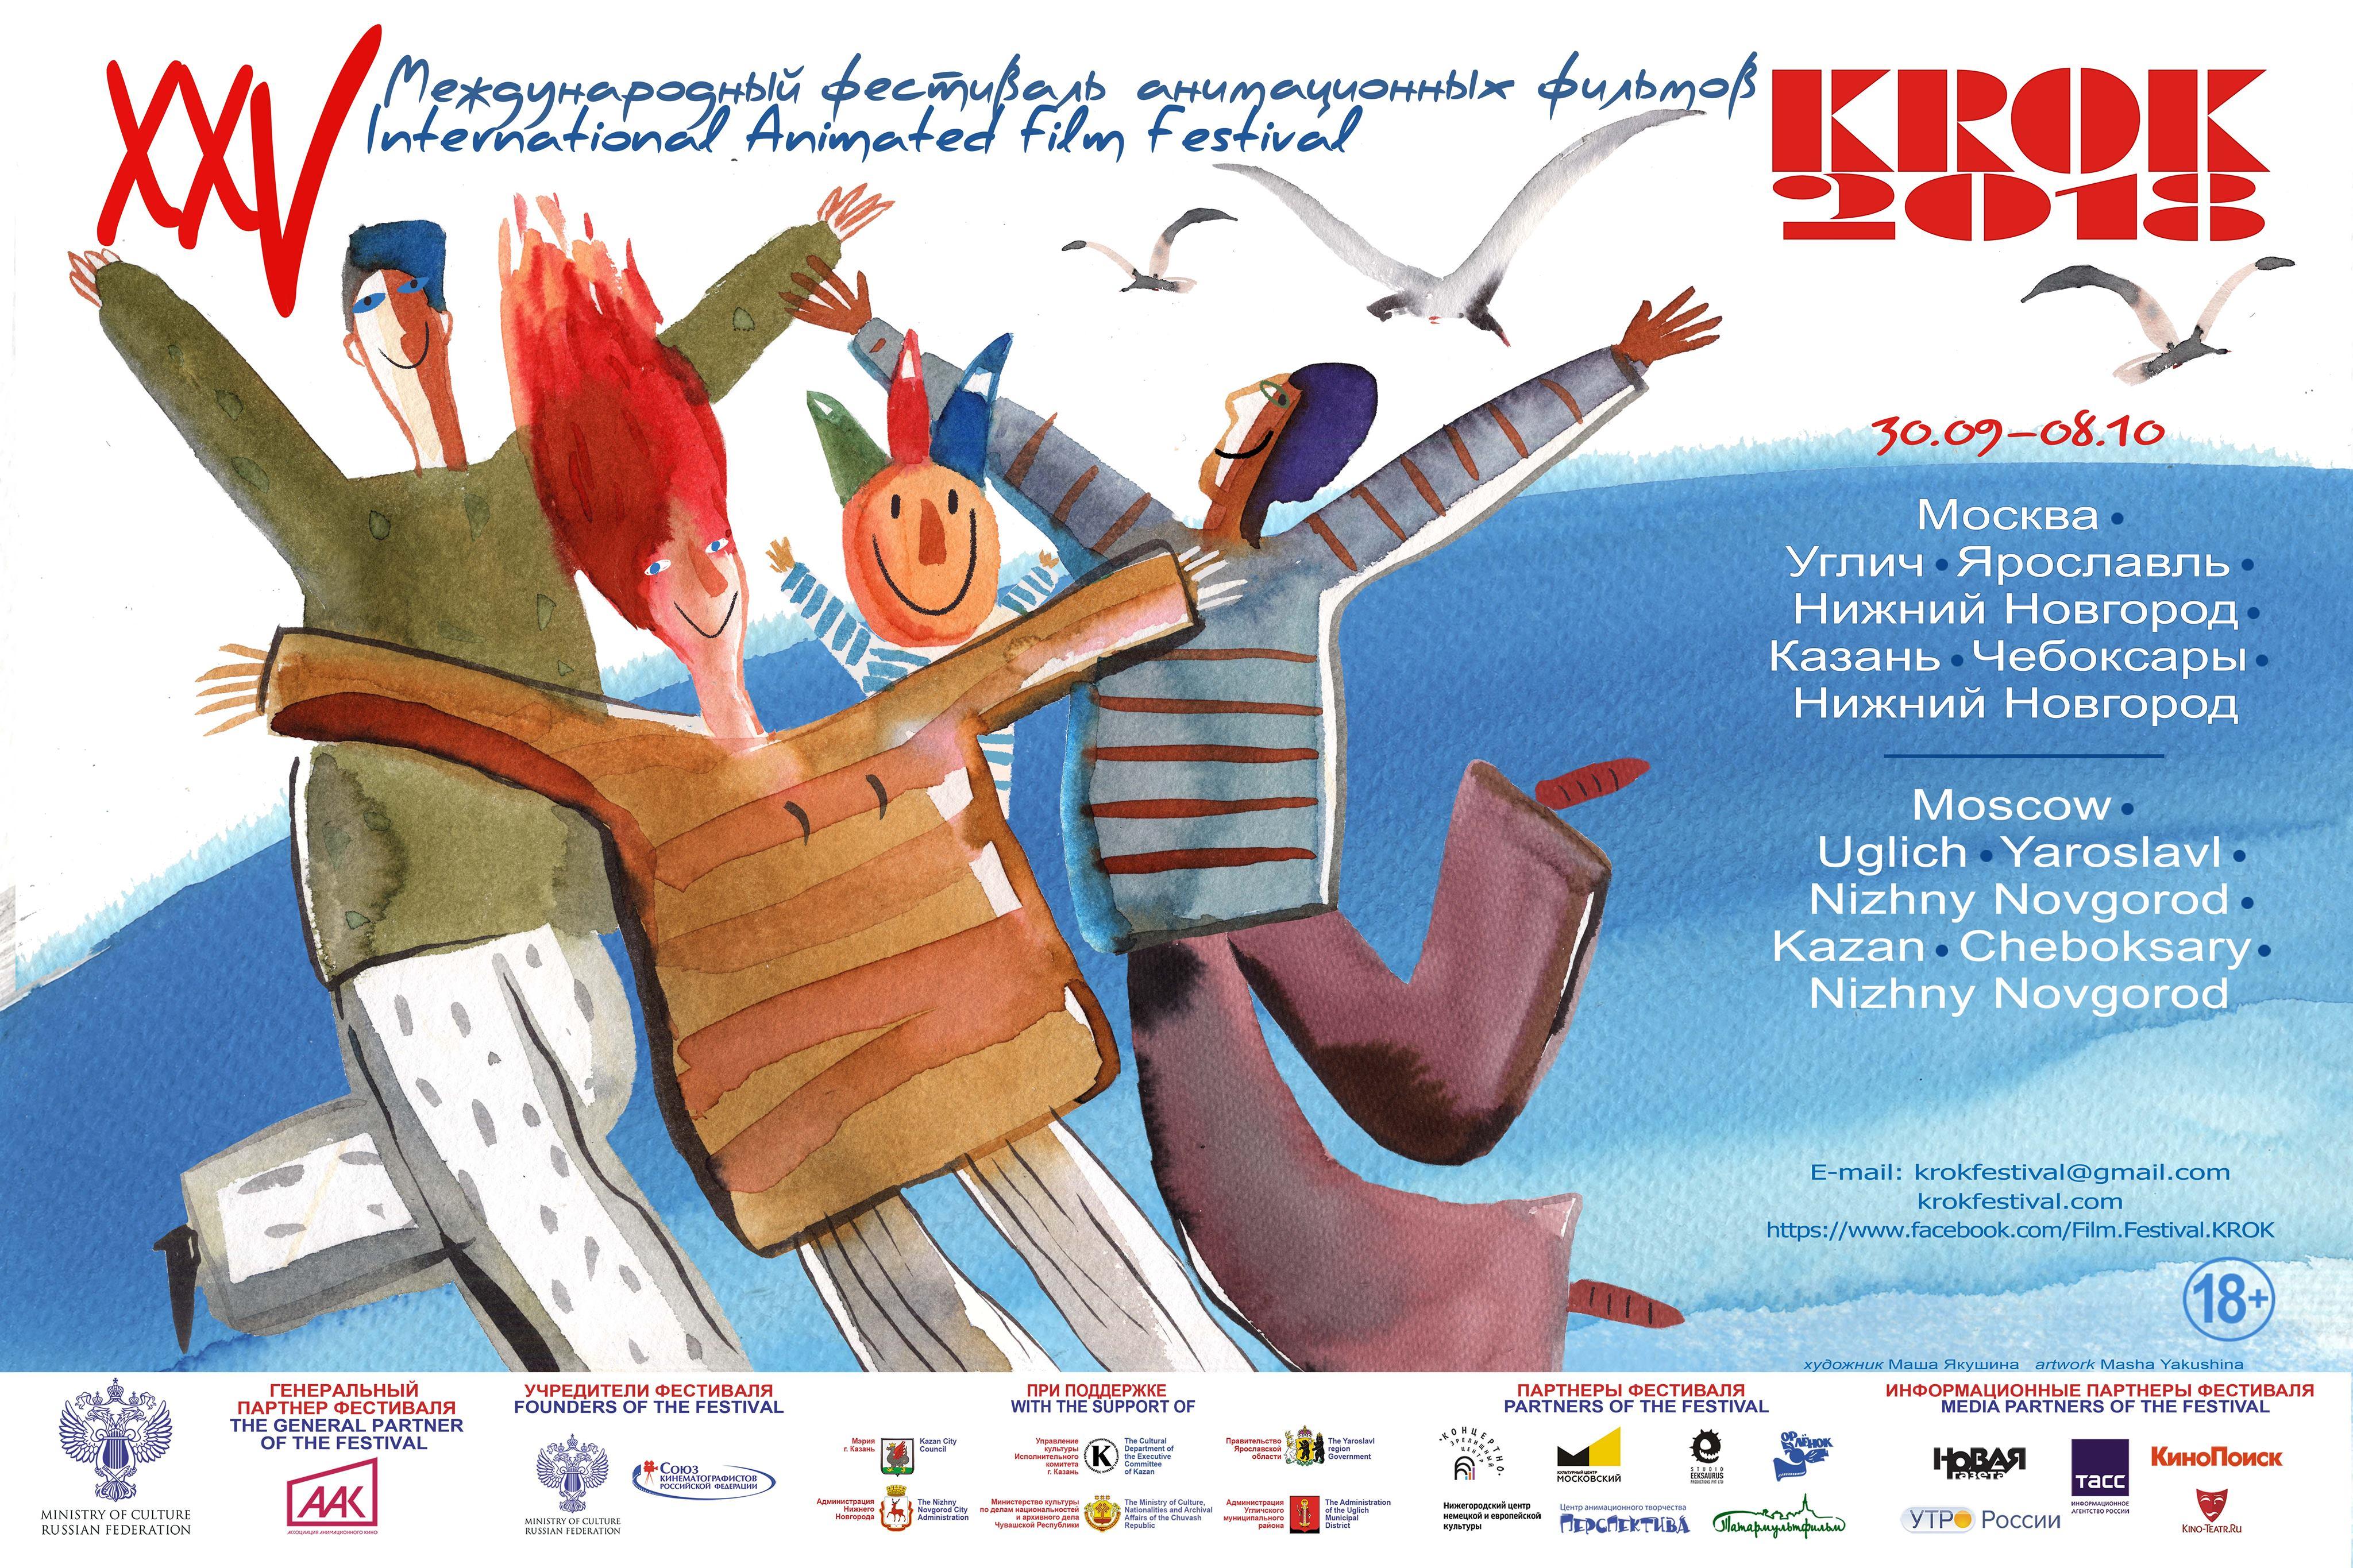 ххv международный фестиваль анимационных фильмов крок